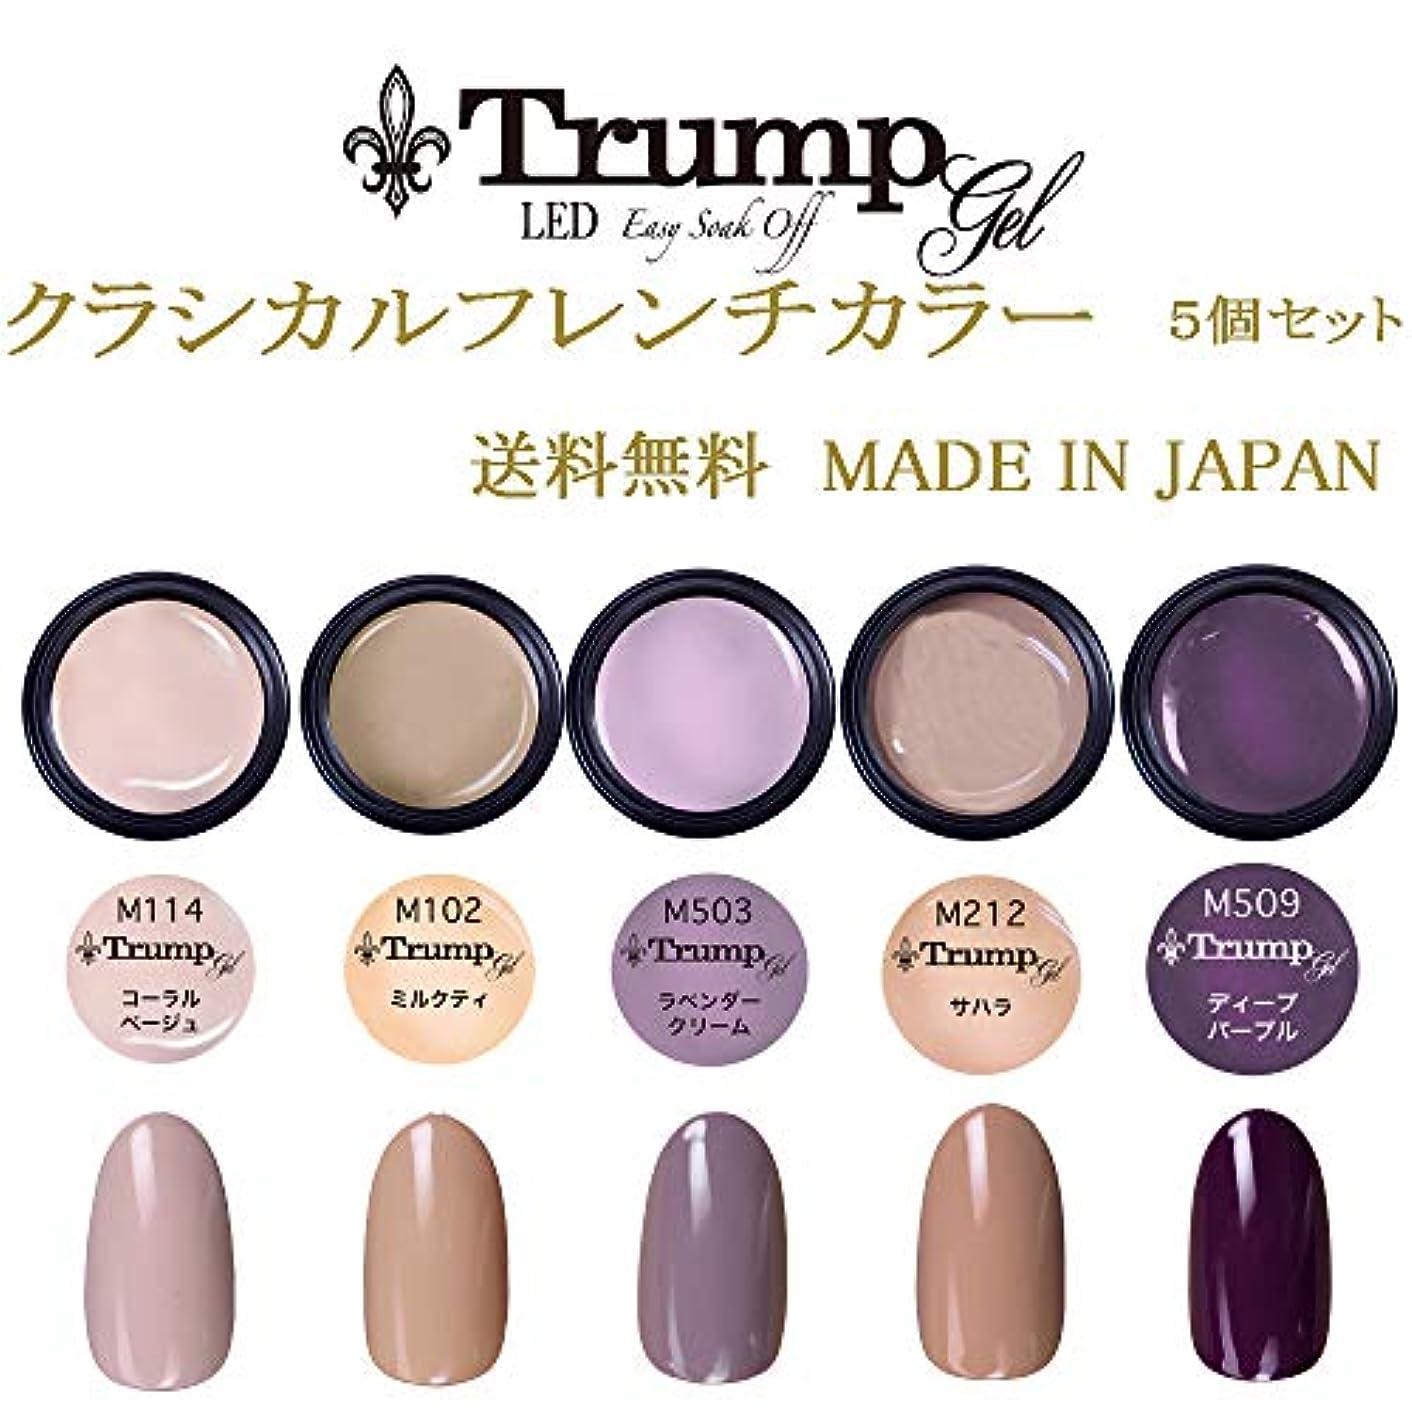 ダースシャーロットブロンテ陰謀【送料無料】日本製 Trump gel トランプジェル クラシカルフレンチカラージェル 5個セット スタイリッシュでオシャレな 白べっ甲カラージェルセット